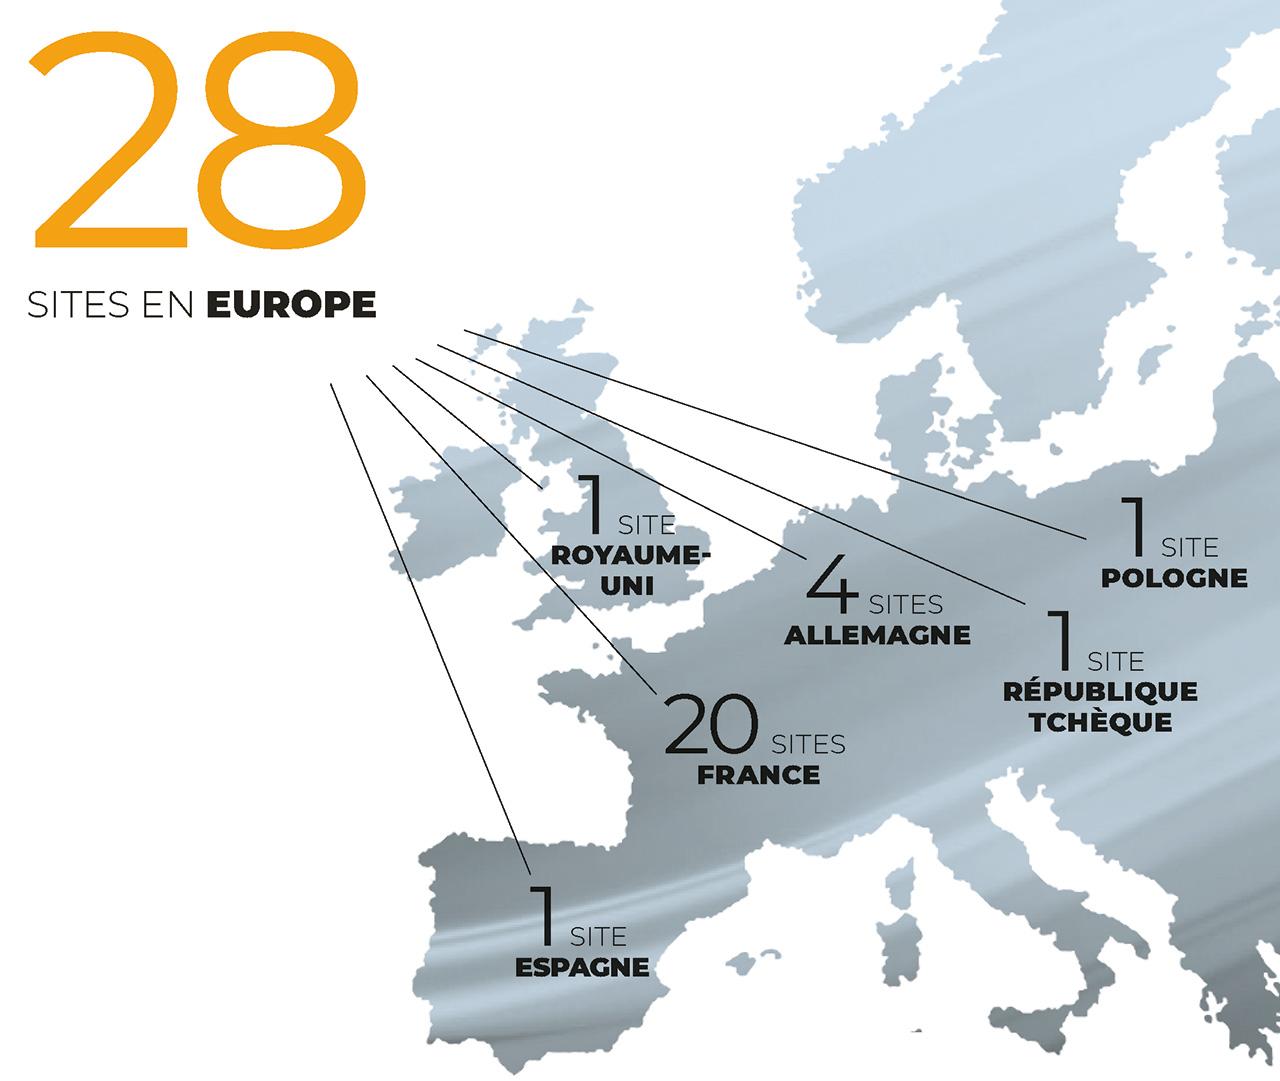 28 sites en Europe